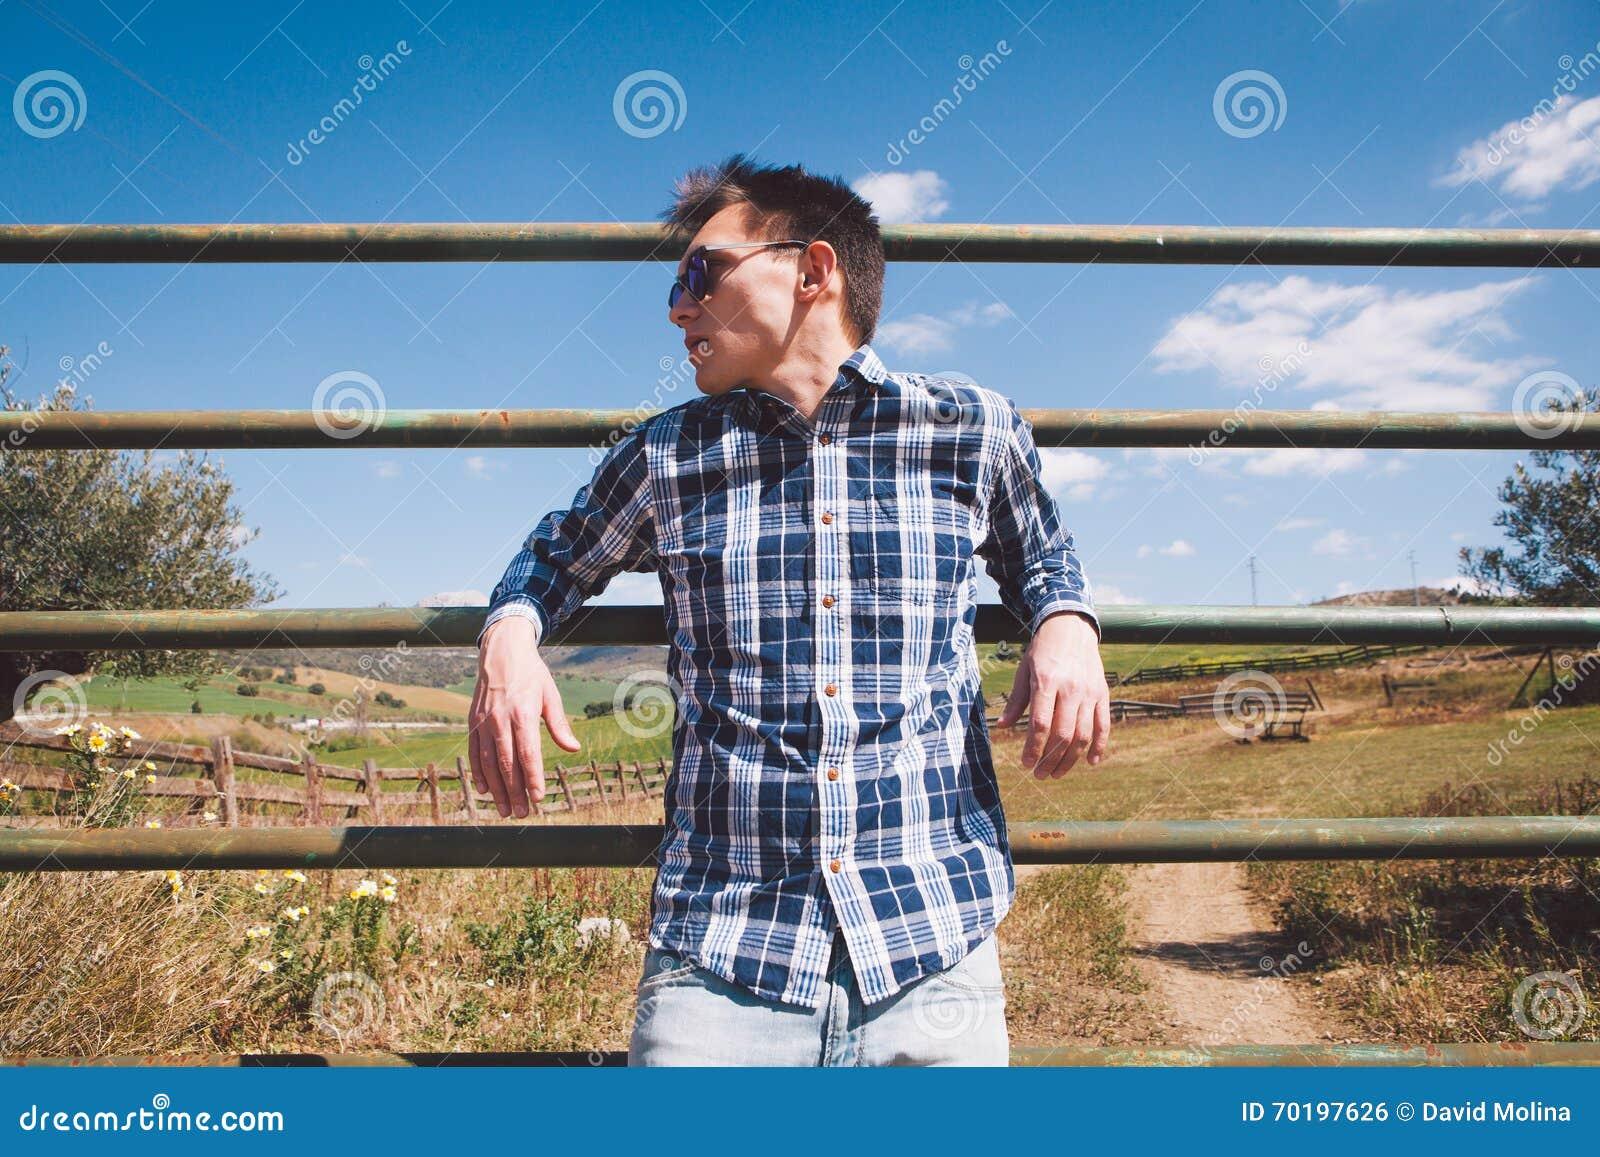 Utomhus stående av den unga mannen i solglasögon på bygden